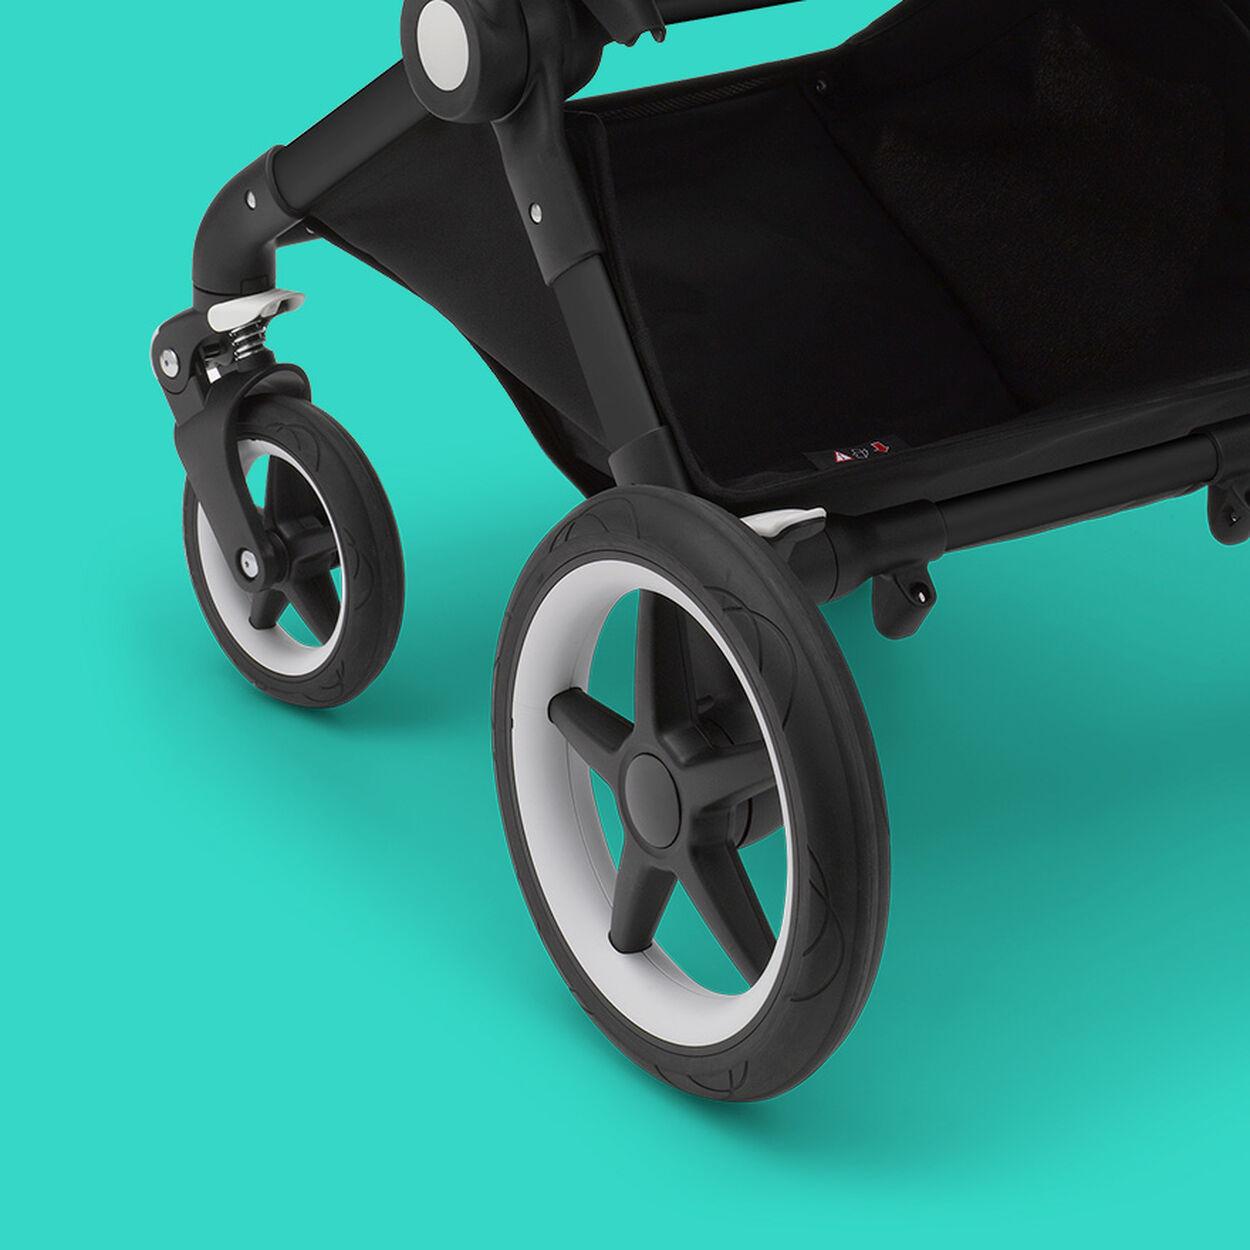 Stroller wheels